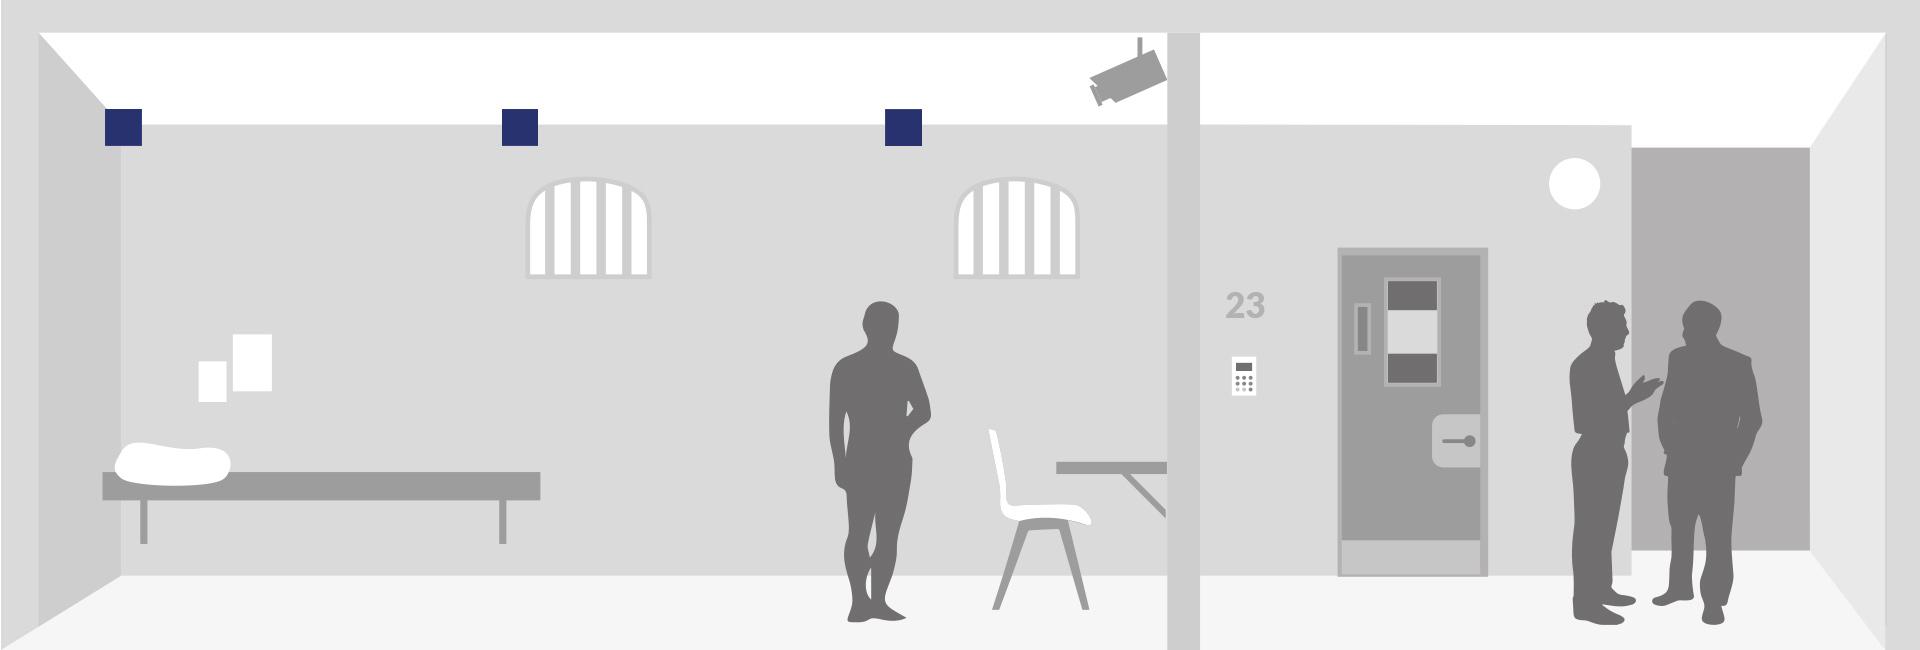 Haft Leuchten für videoüberwachte Hefträume Zellen